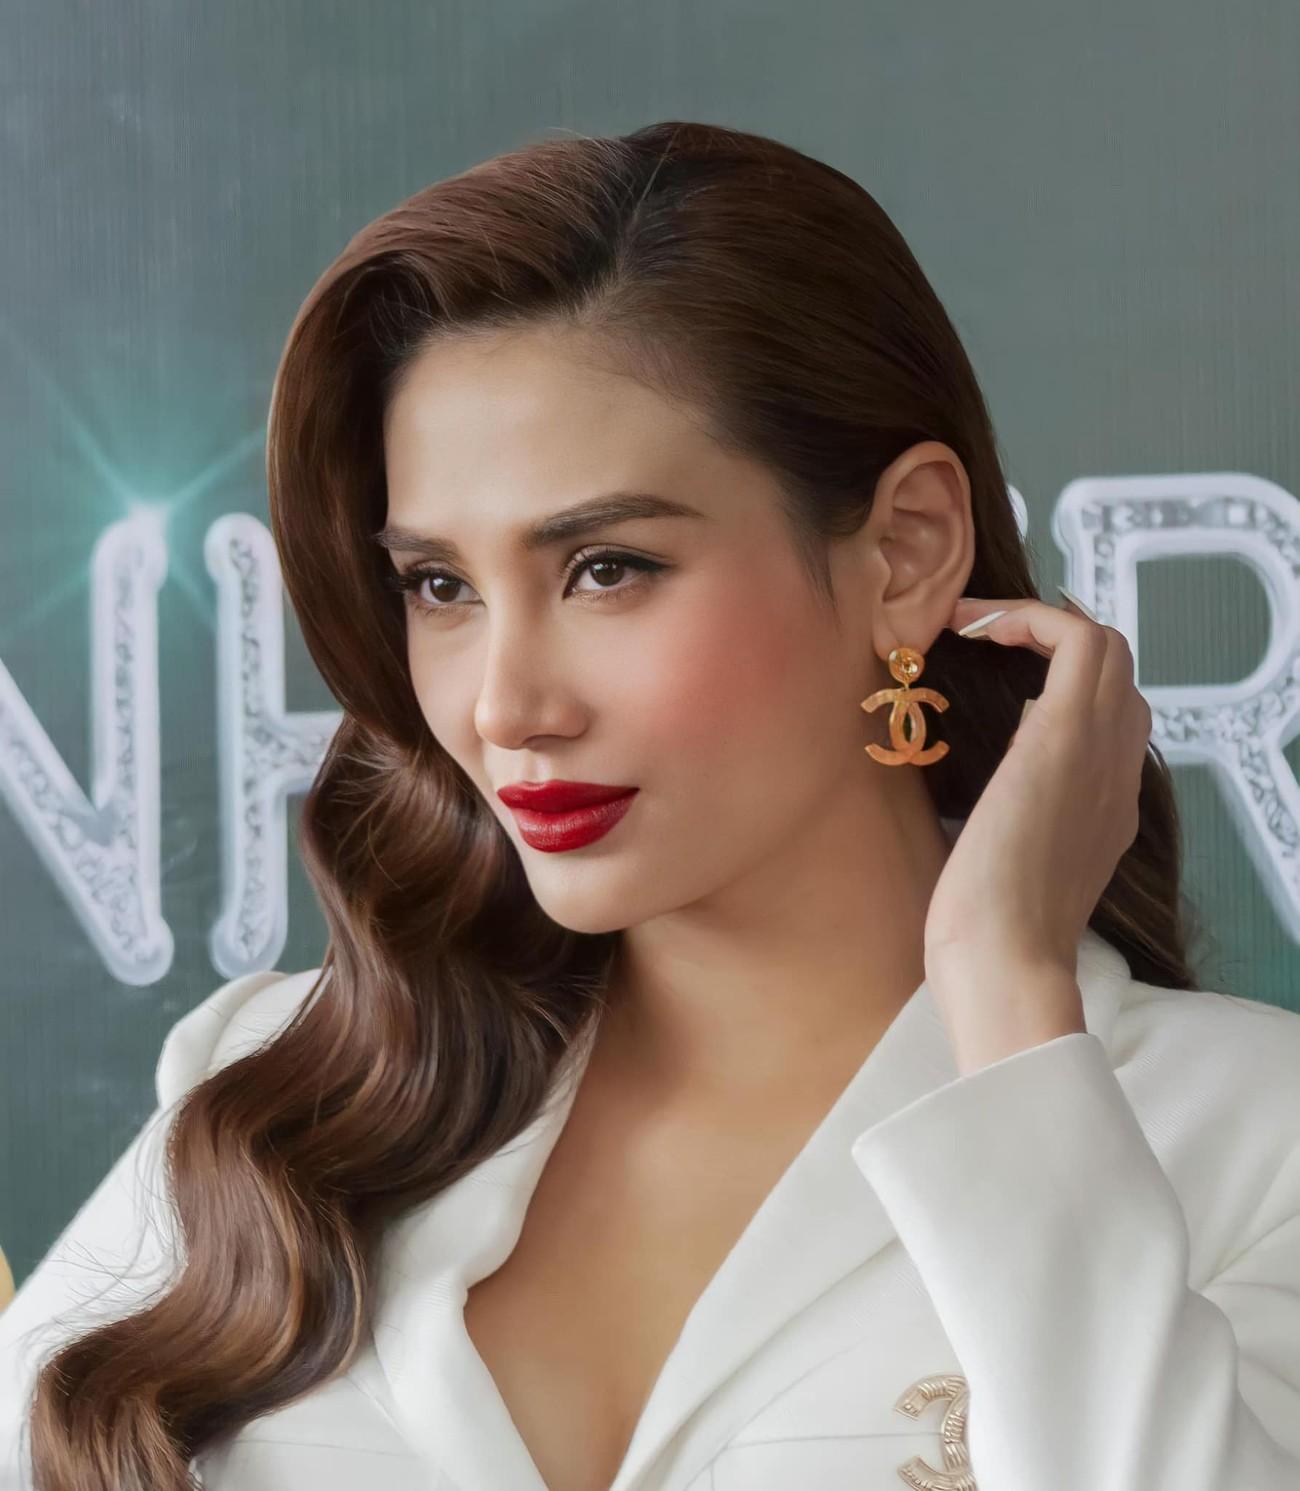 Hoa hậu Đỗ Thị Hà diện váy vàng gold cắt xẻ sexy, khoe loạt thần thái 'đỉnh cao' ảnh 11